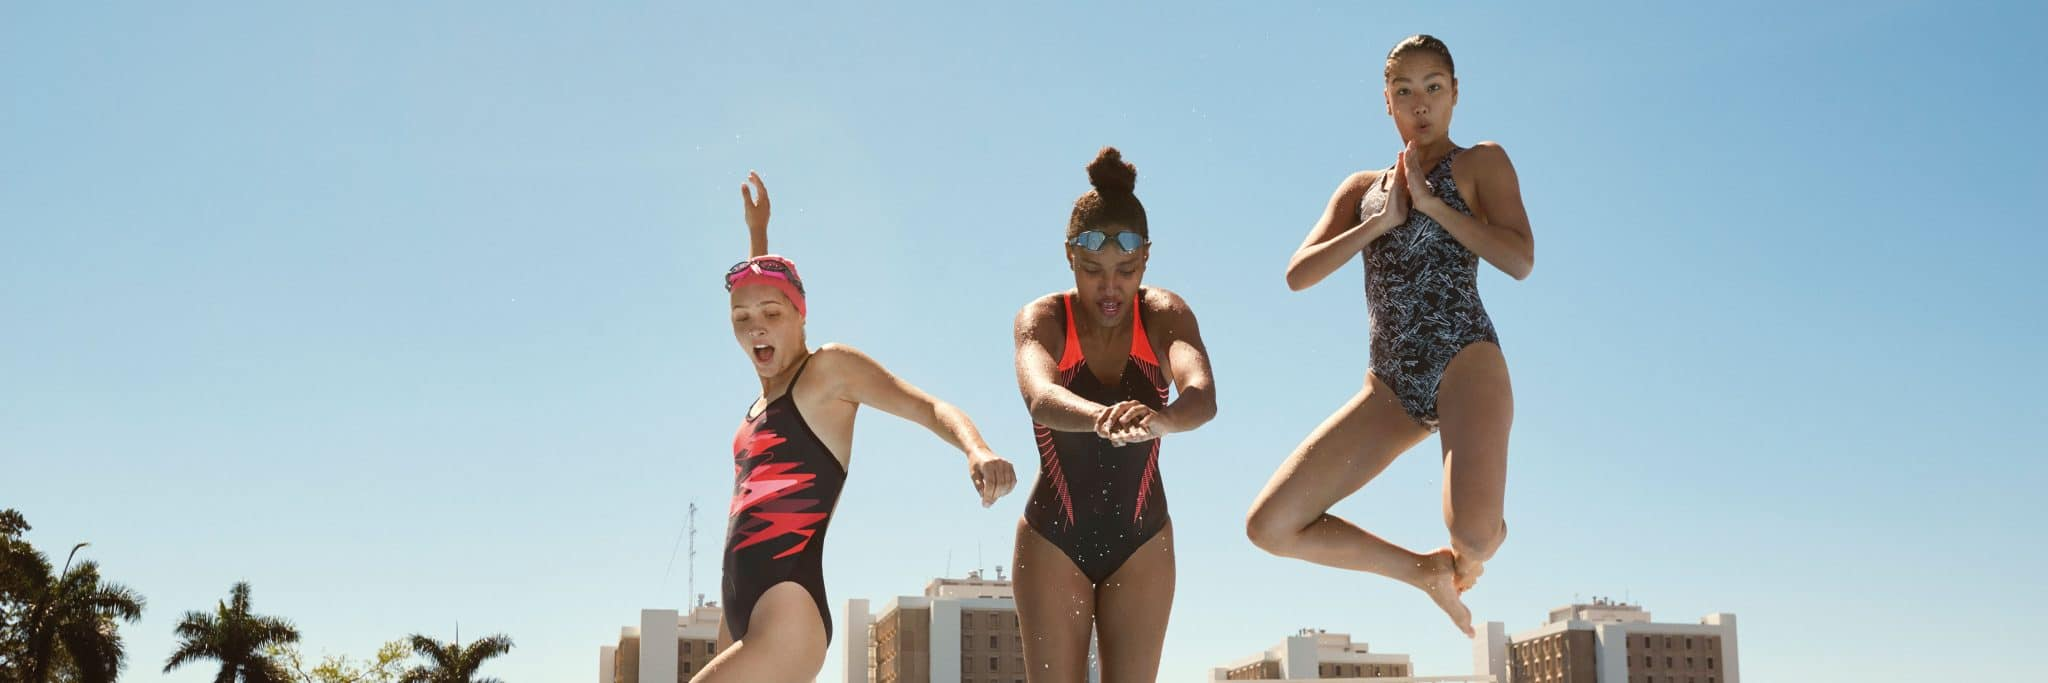 Il y trois jeunes femmes qui s'apprêtent à sauter dans une piscine avec leurs lunettes et maillots de bain de la marque Anglaise Speedo, pour son catalogue et pocket guide. Support réalisé par l'agence de communication et marketing Siouxe, à Paris